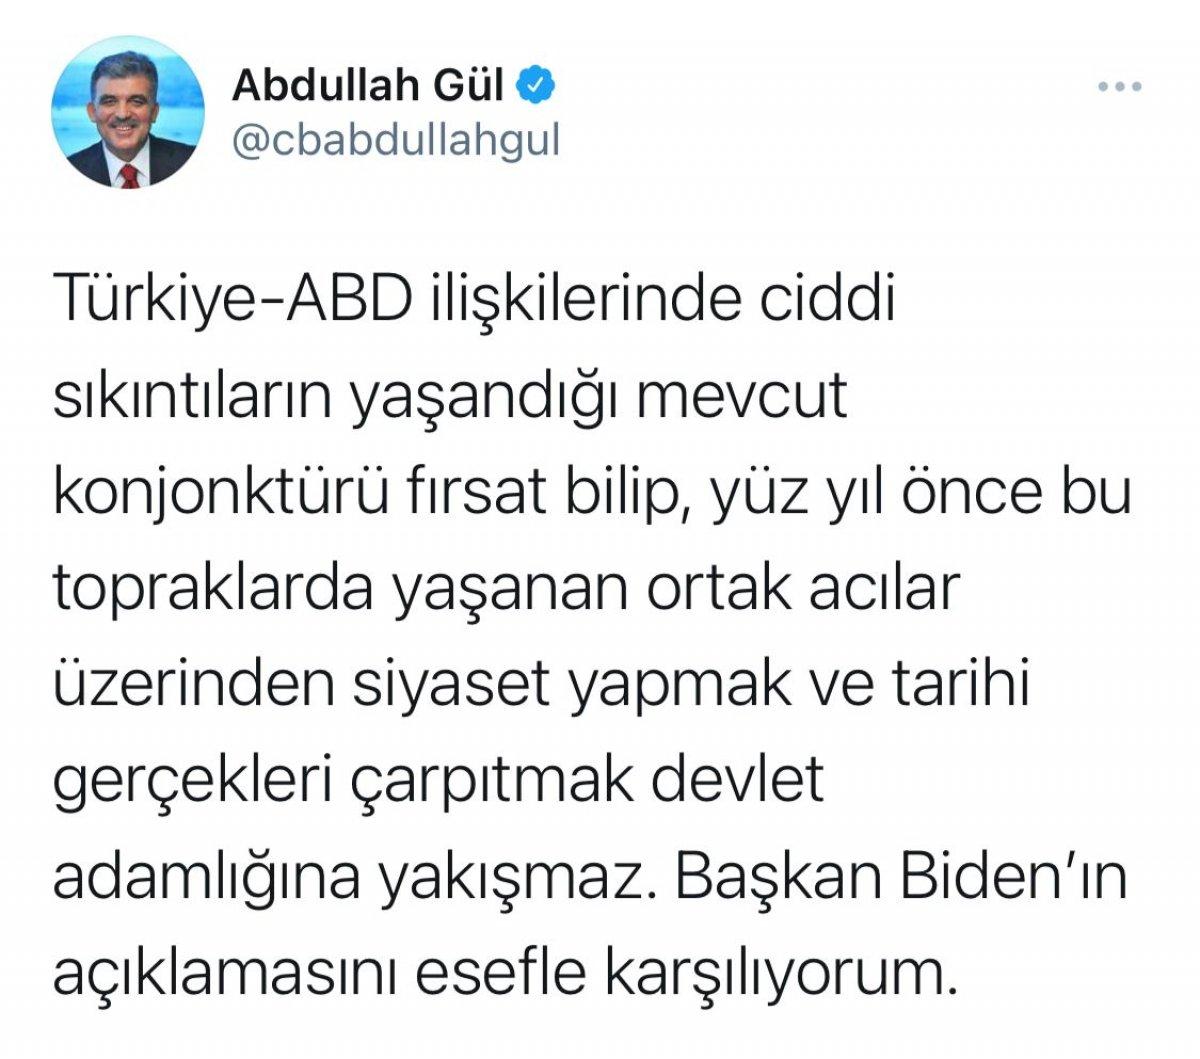 Biden ın Ermeni iddialarını kabulüne Ali Babacan ve Abdullah Gül den farklı tepkiler #2